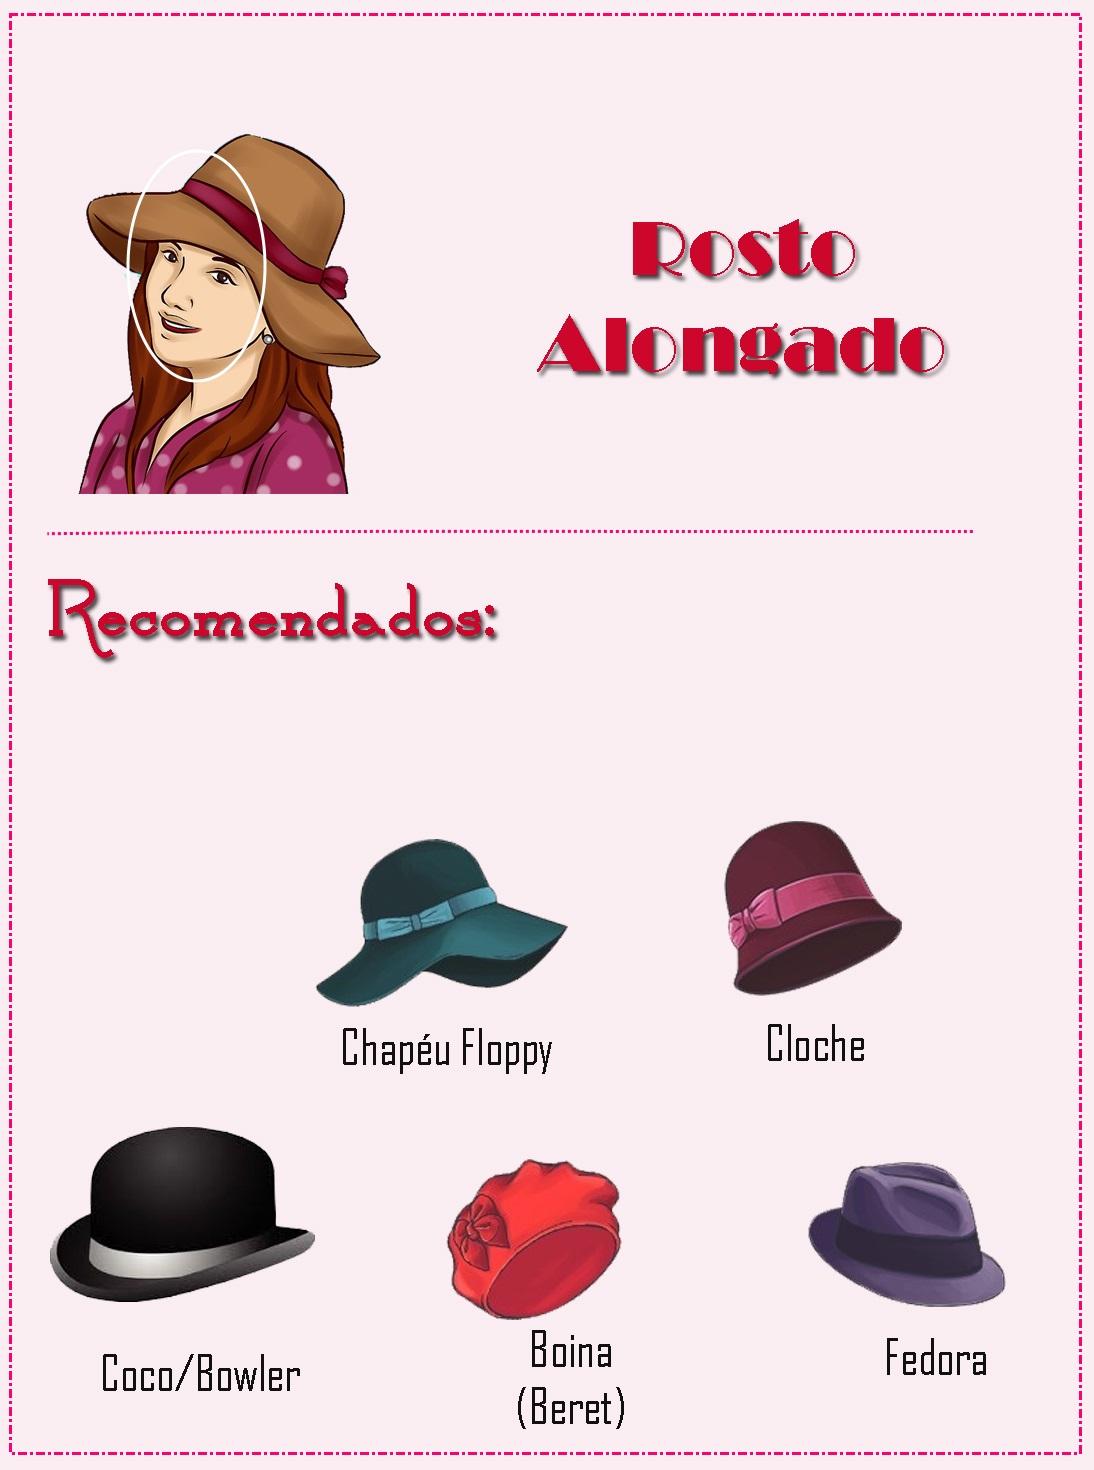 Madame Vintage  Como Escolher o Modelo de Chapéu de acordo com o ... 689e5ec9ce2